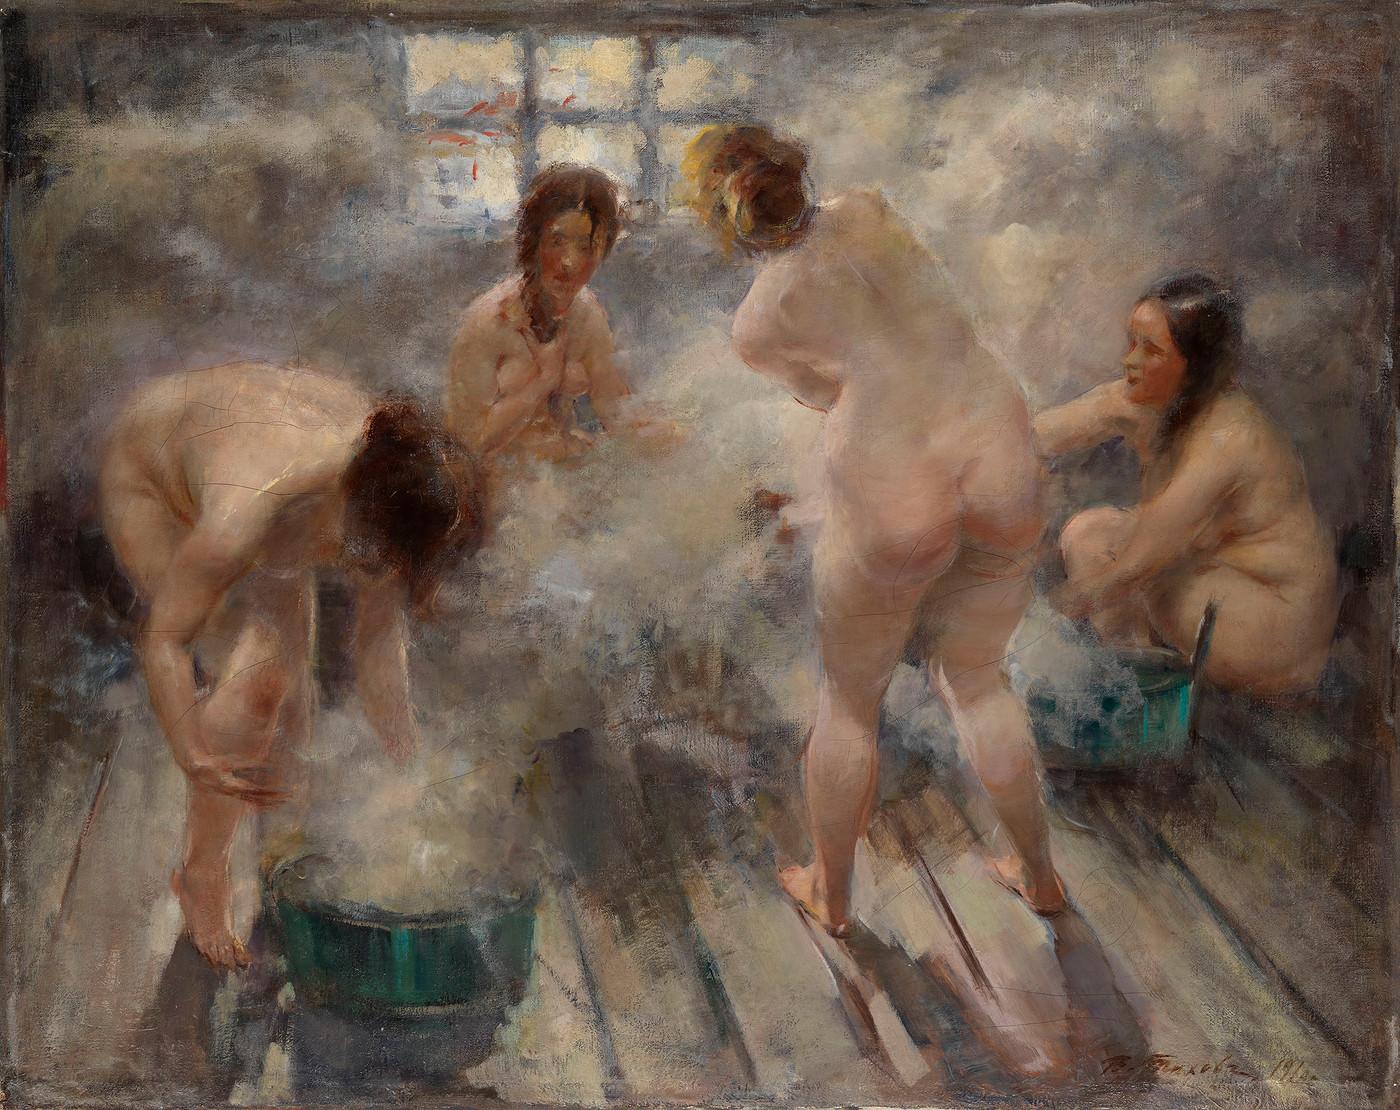 Эротика в советском искусстве 9 фотография